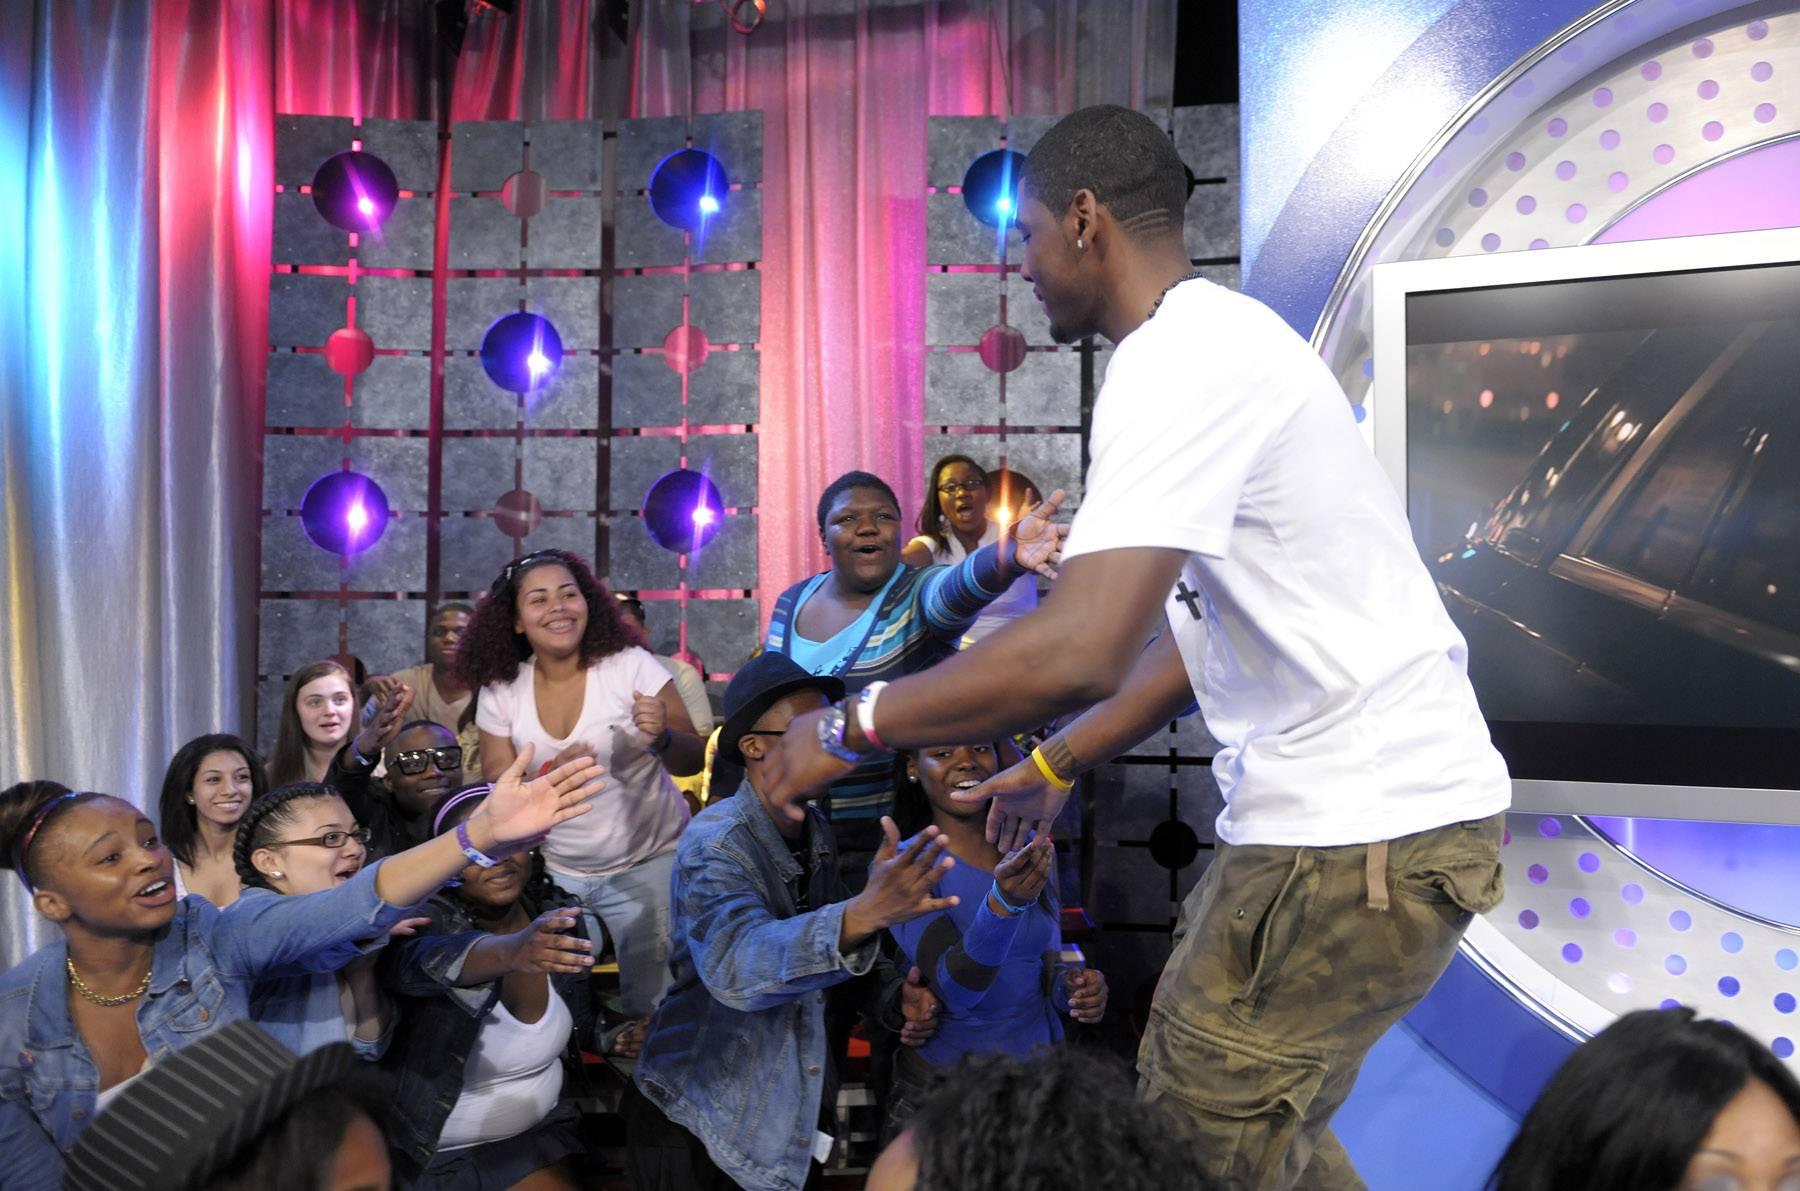 Wats good? - Kyrie Irving greets audience members at 106 & Park, May 16, 2012. (Photo: John Ricard / BET)